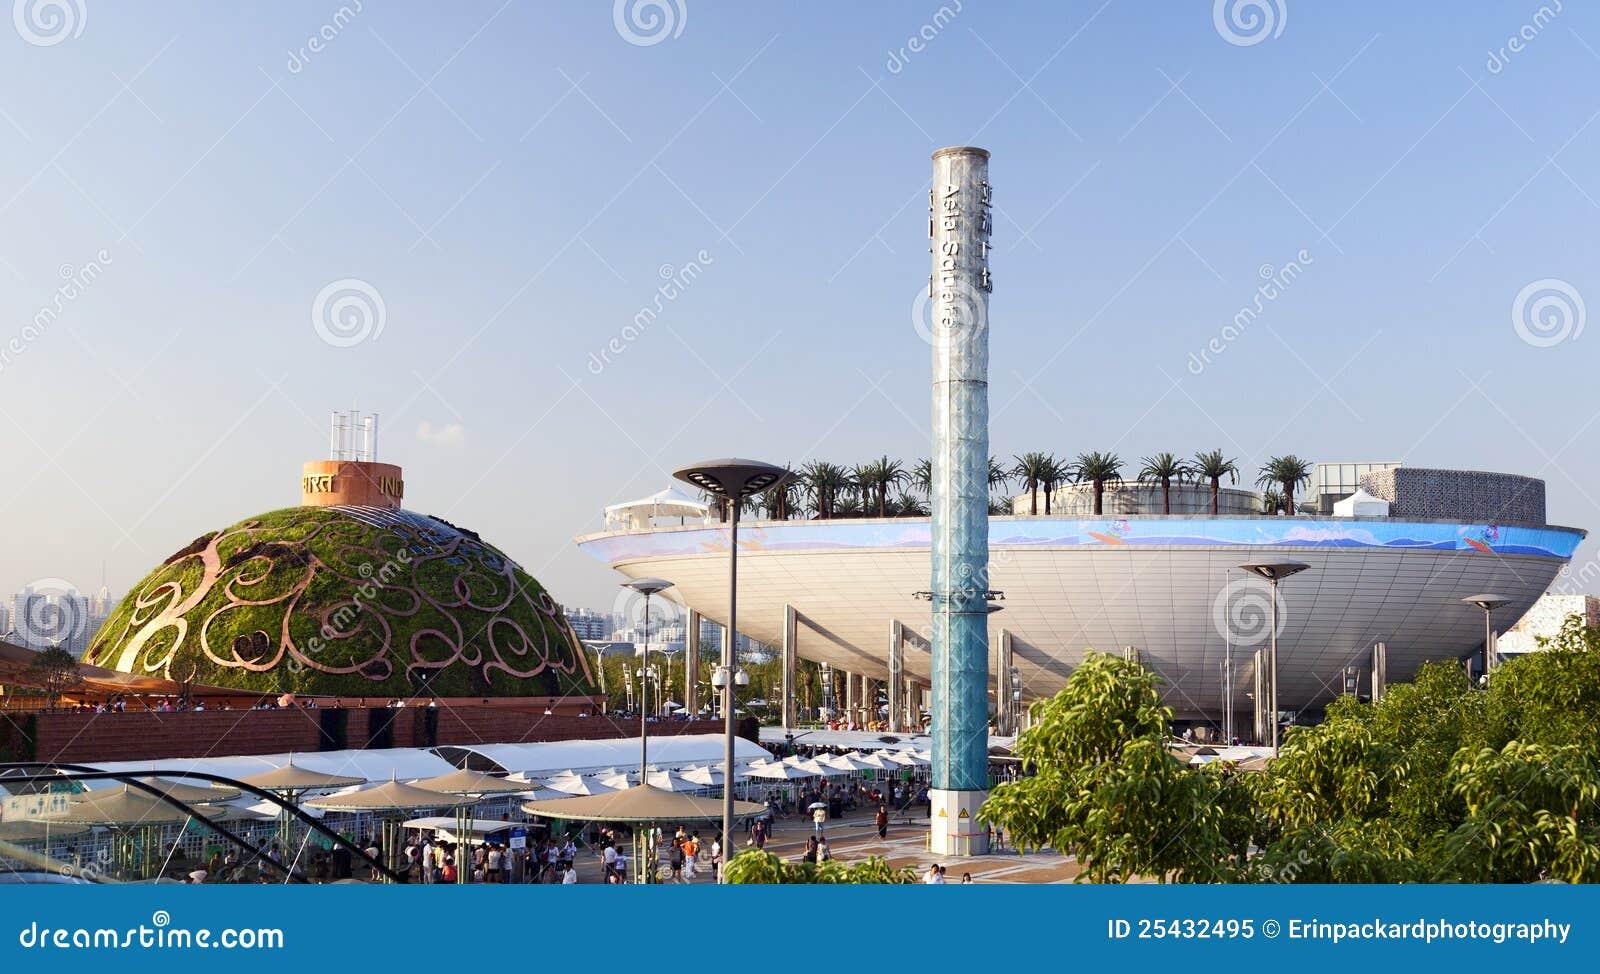 Padiglione dell 39 expo del mondo dell 39 arabia saudita e dell for Costo del padiglione per piede quadrato